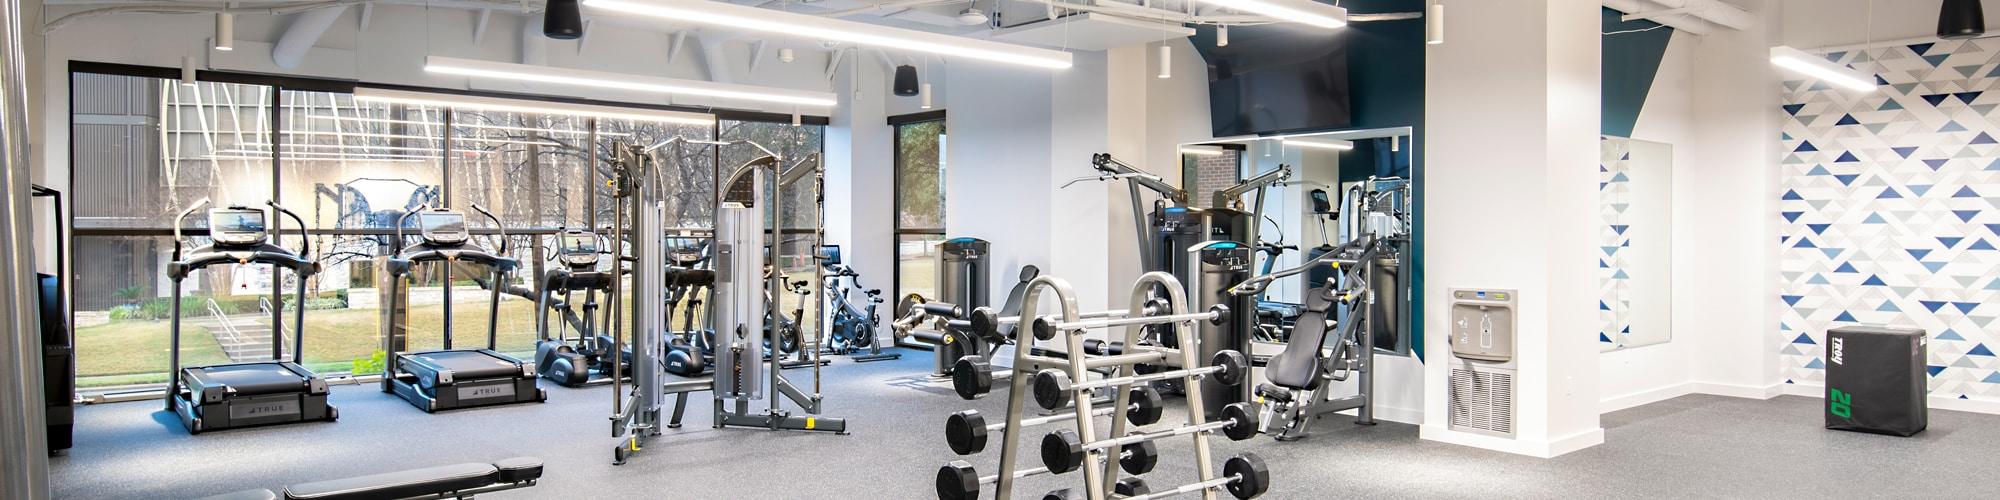 Hartland Plaza Gym